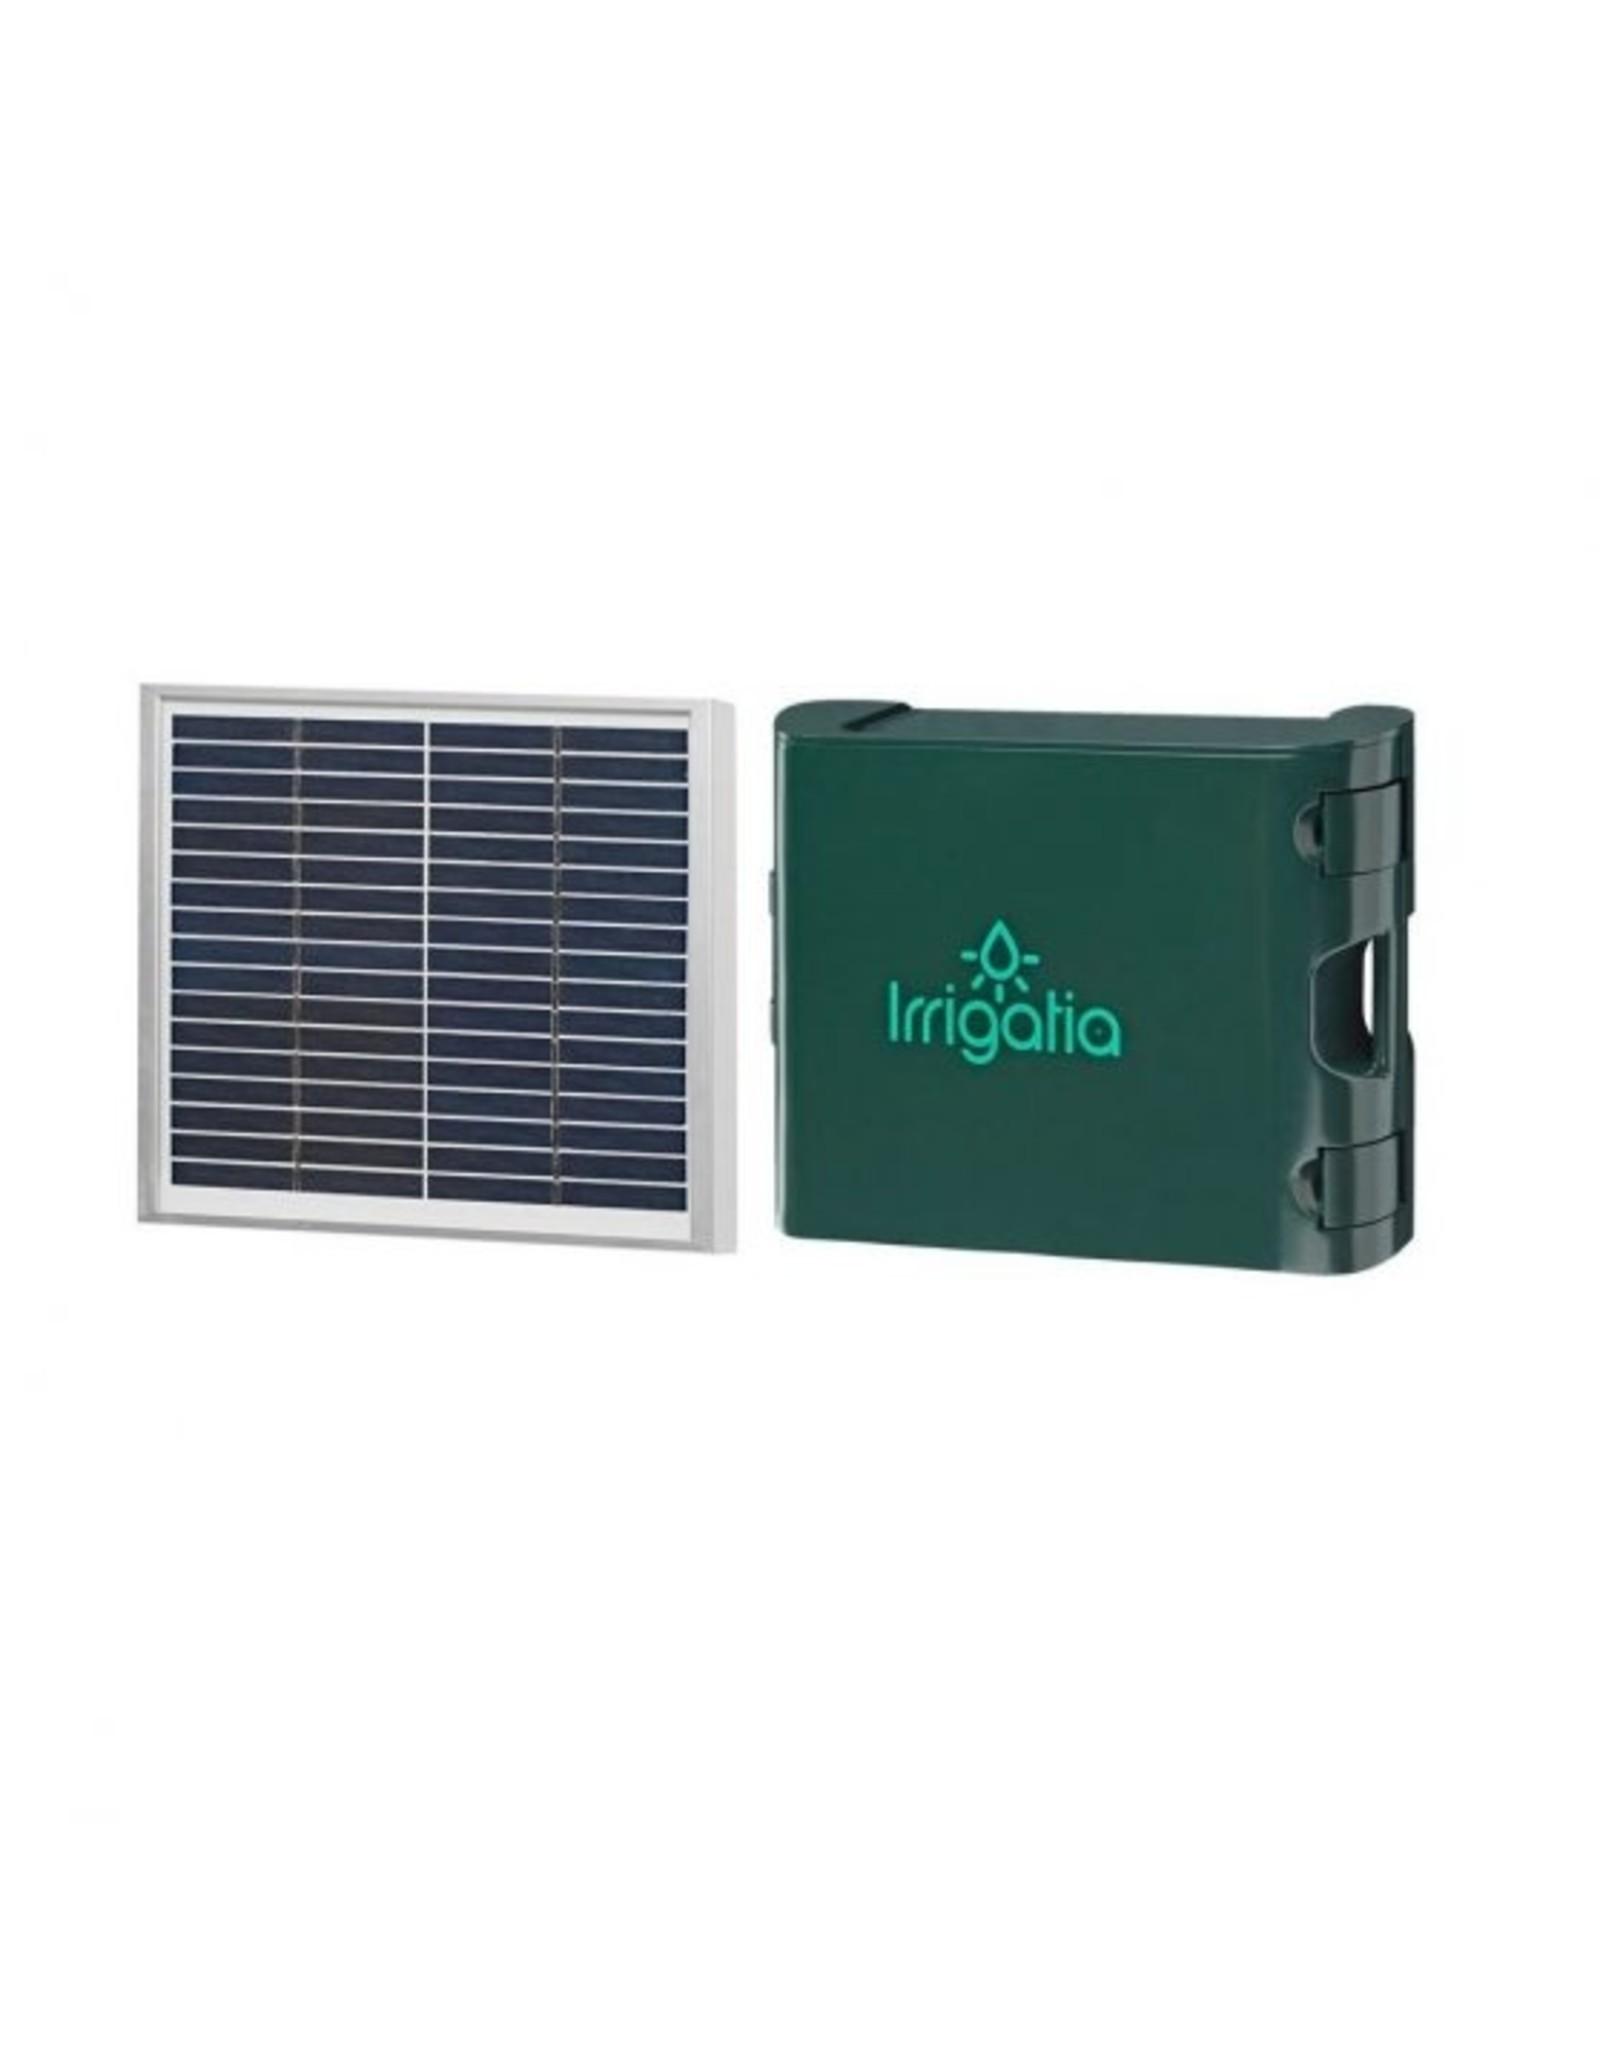 Irrigatie systeem op zonne-energie SOL-C120